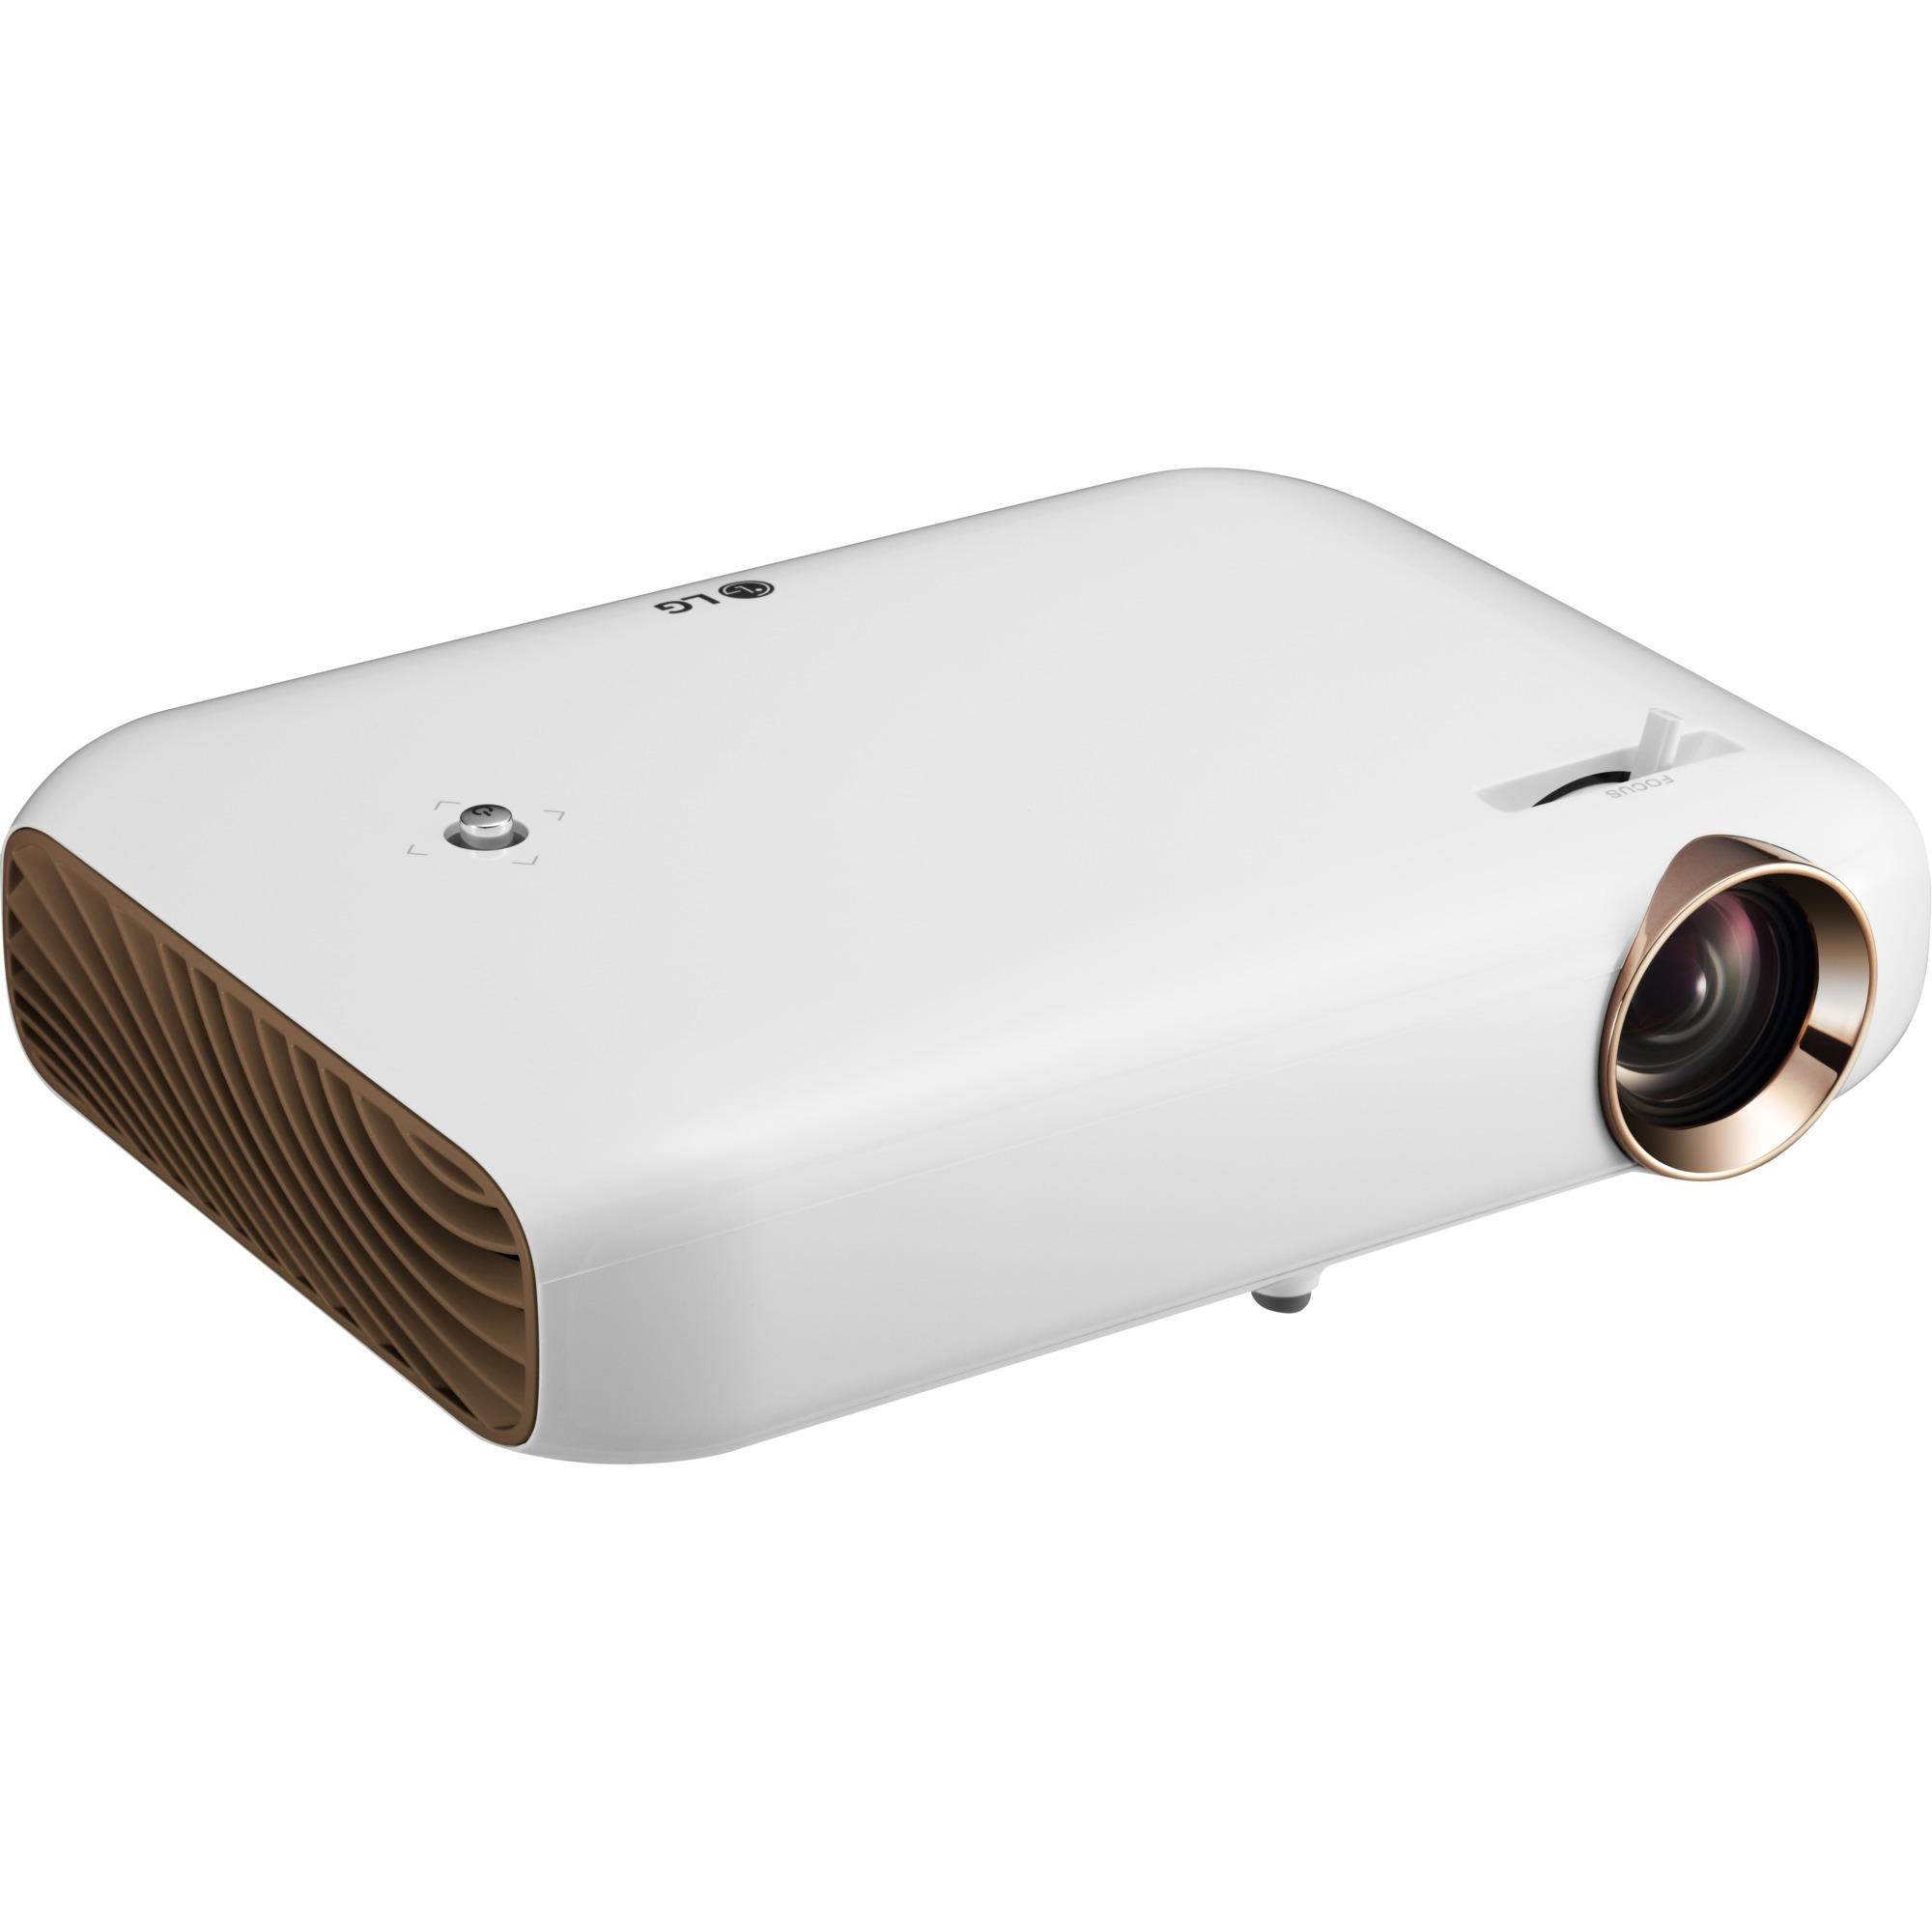 Jollyplanet proiettore led mini videoproiettore hdmi usb for Proiettore led